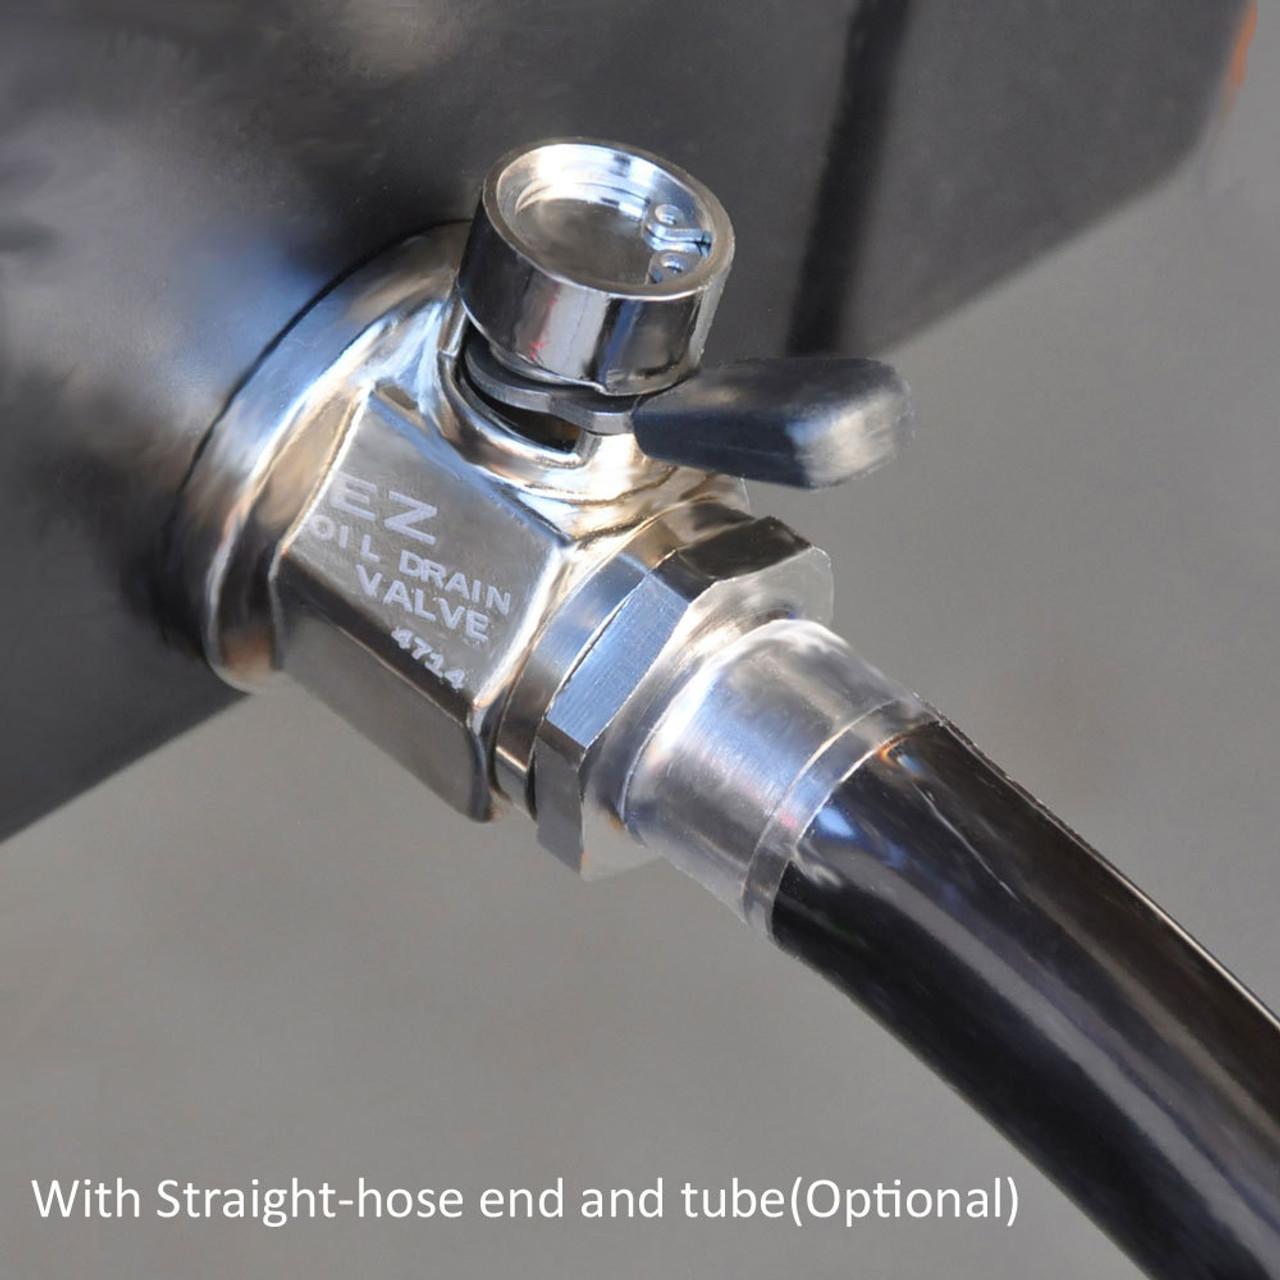 Ez drain hose and hose attachment